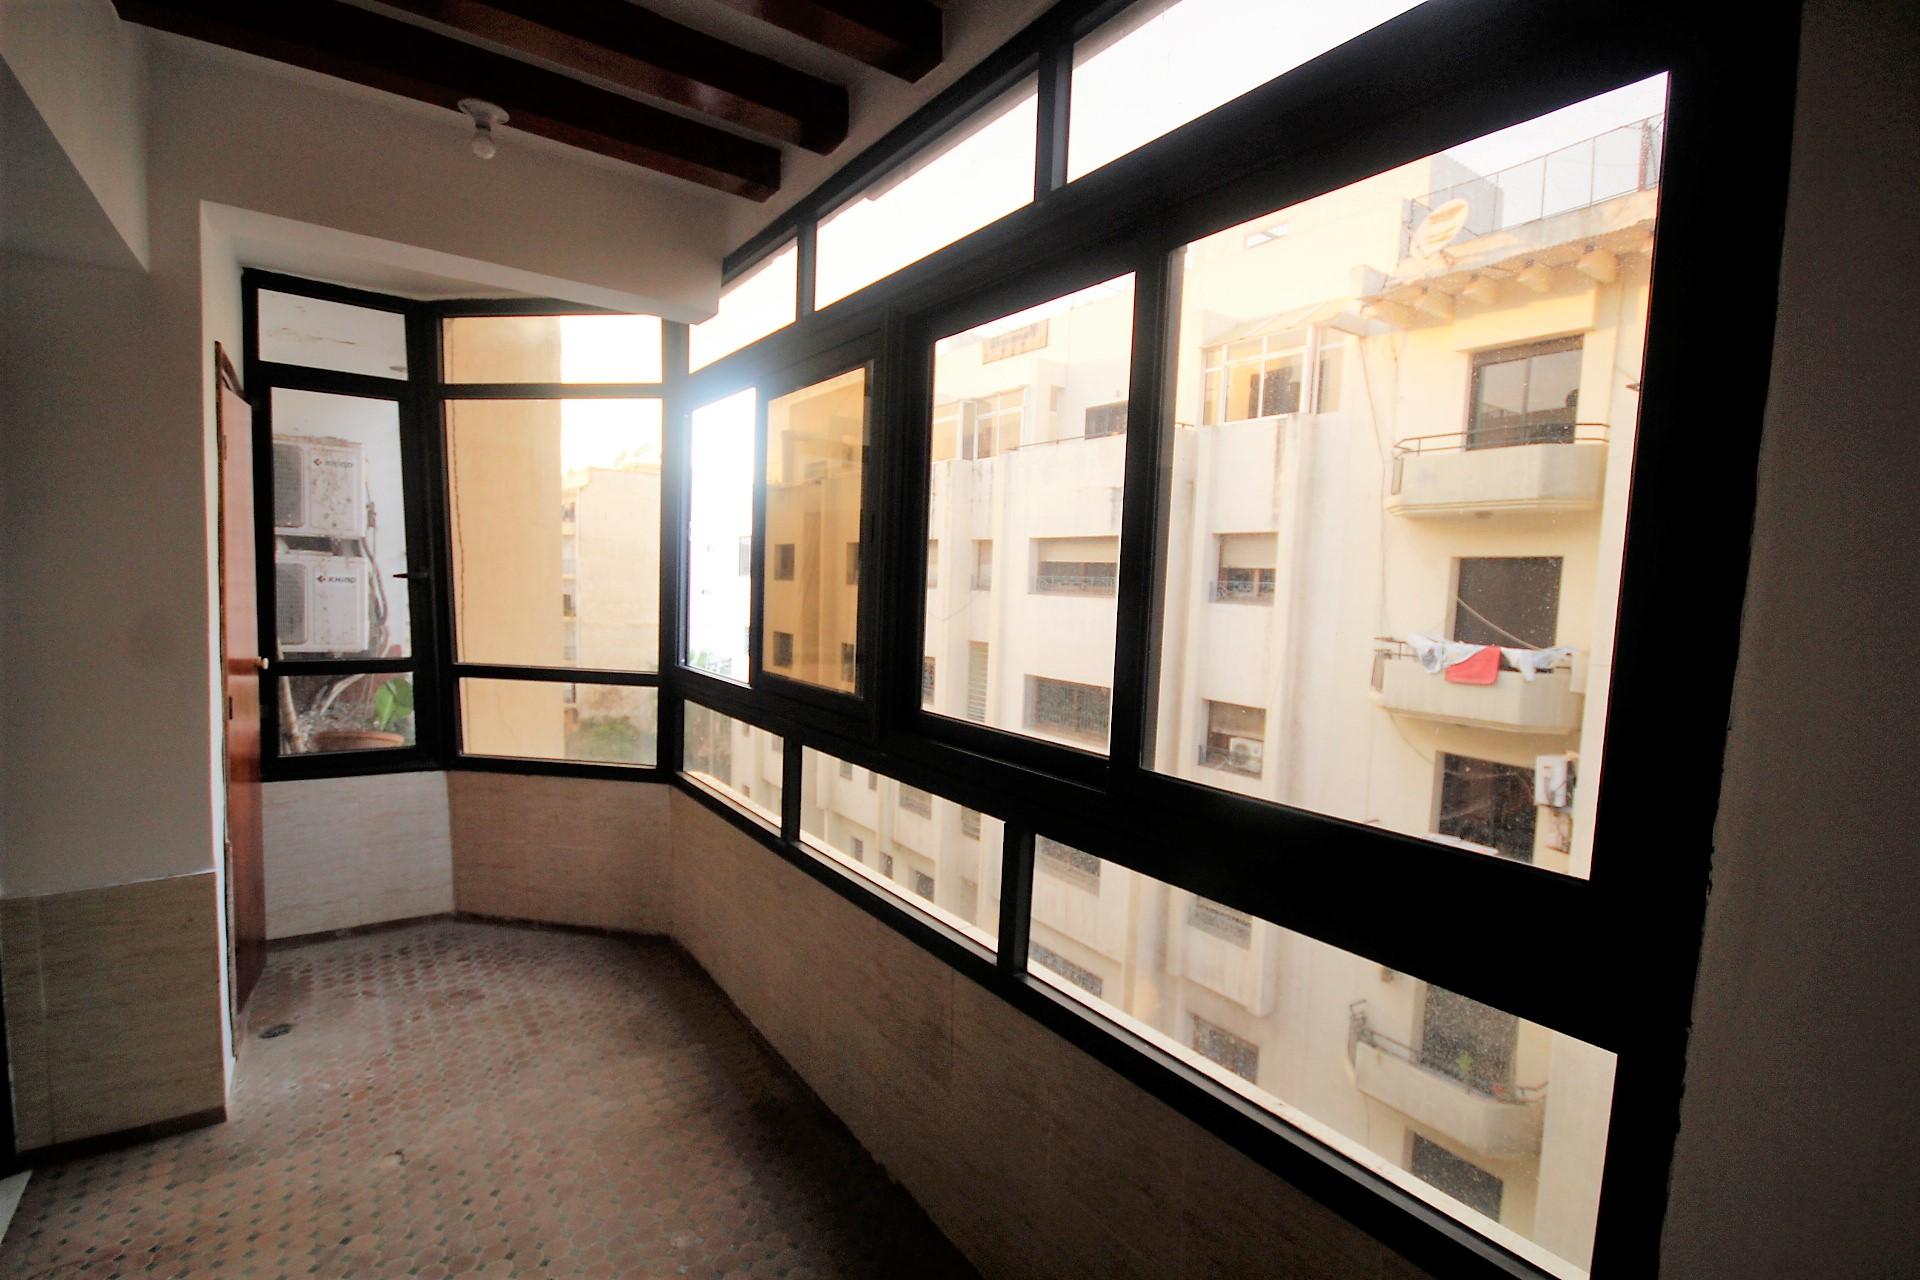 Maroc, Casablanca entre le Bld 2 mars et le quartier des Hôpitaux  secteur calme à louer logement de 156 m² avec grande véranda